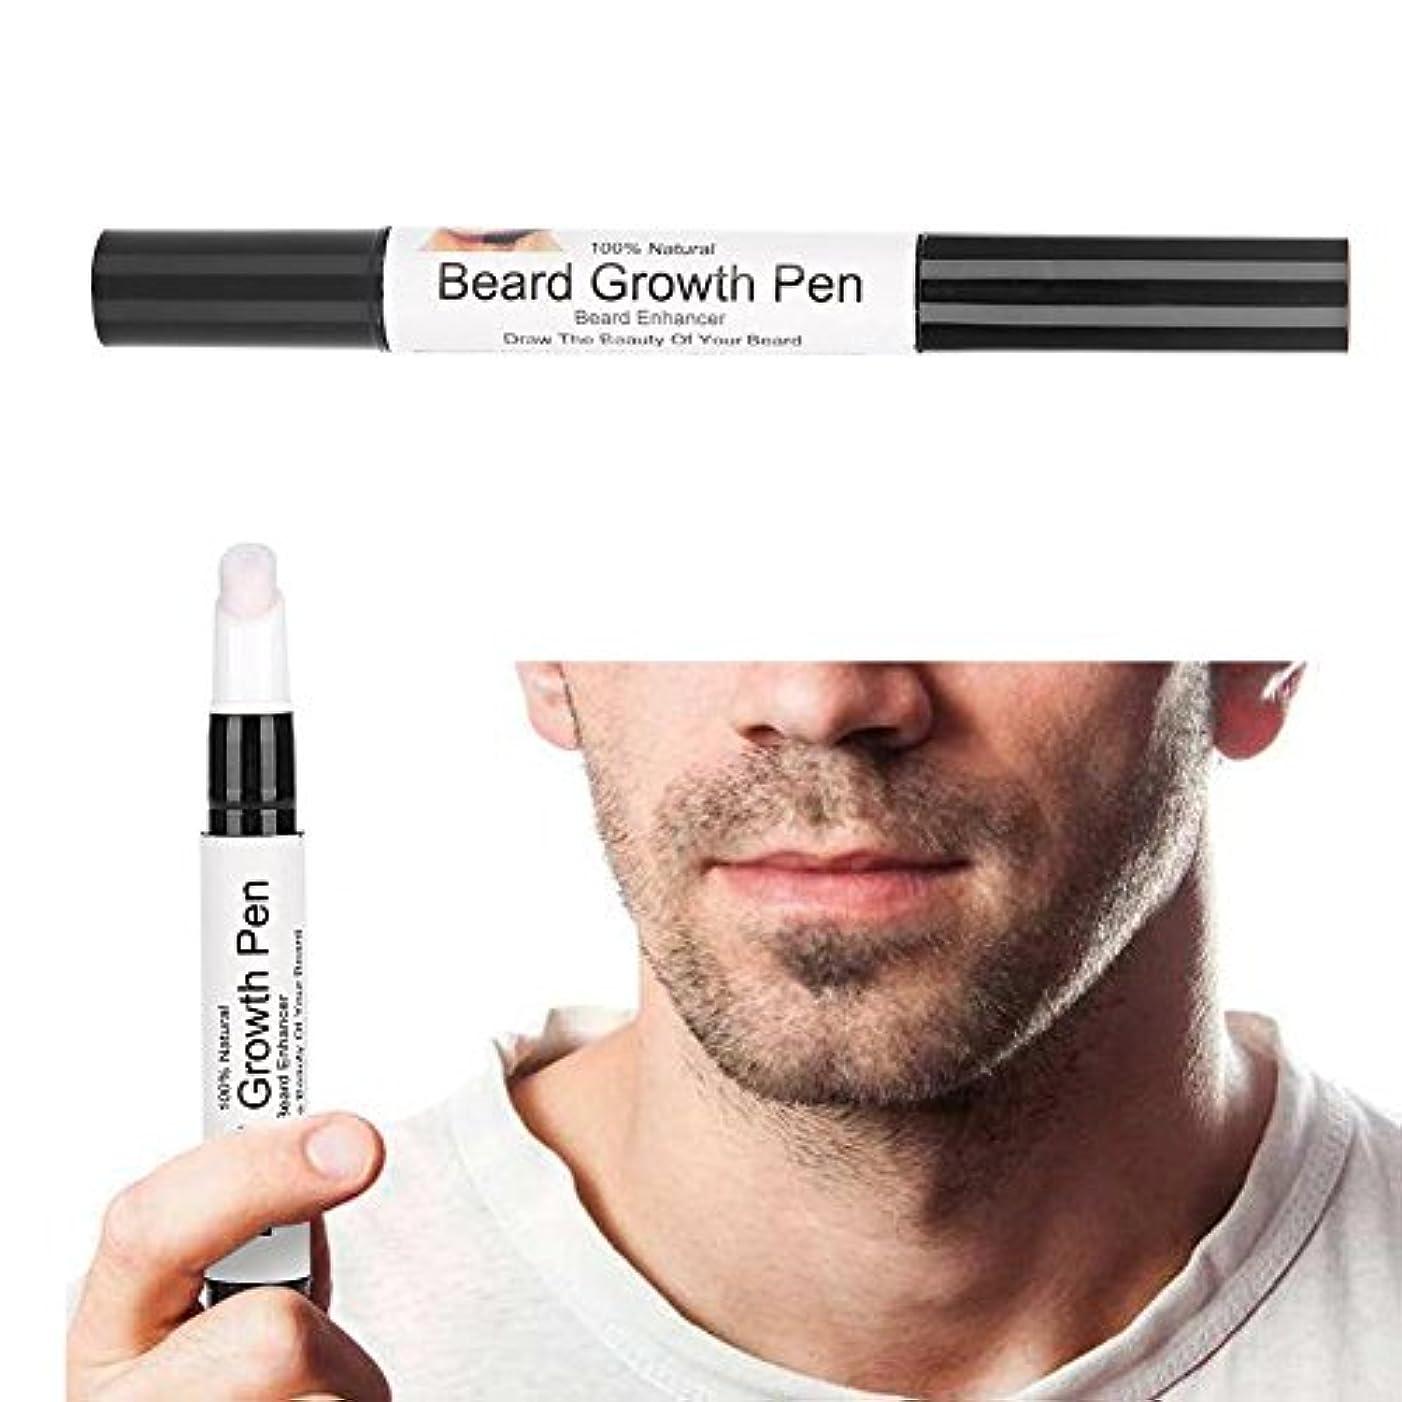 印象的な不透明なブラジャー3mlひげオイル、ひげ成長ひげケアオイル、男性ひげの成分コンディショナーを抽出し、ひげの長さを長くし、ひげの栄養素を追加します